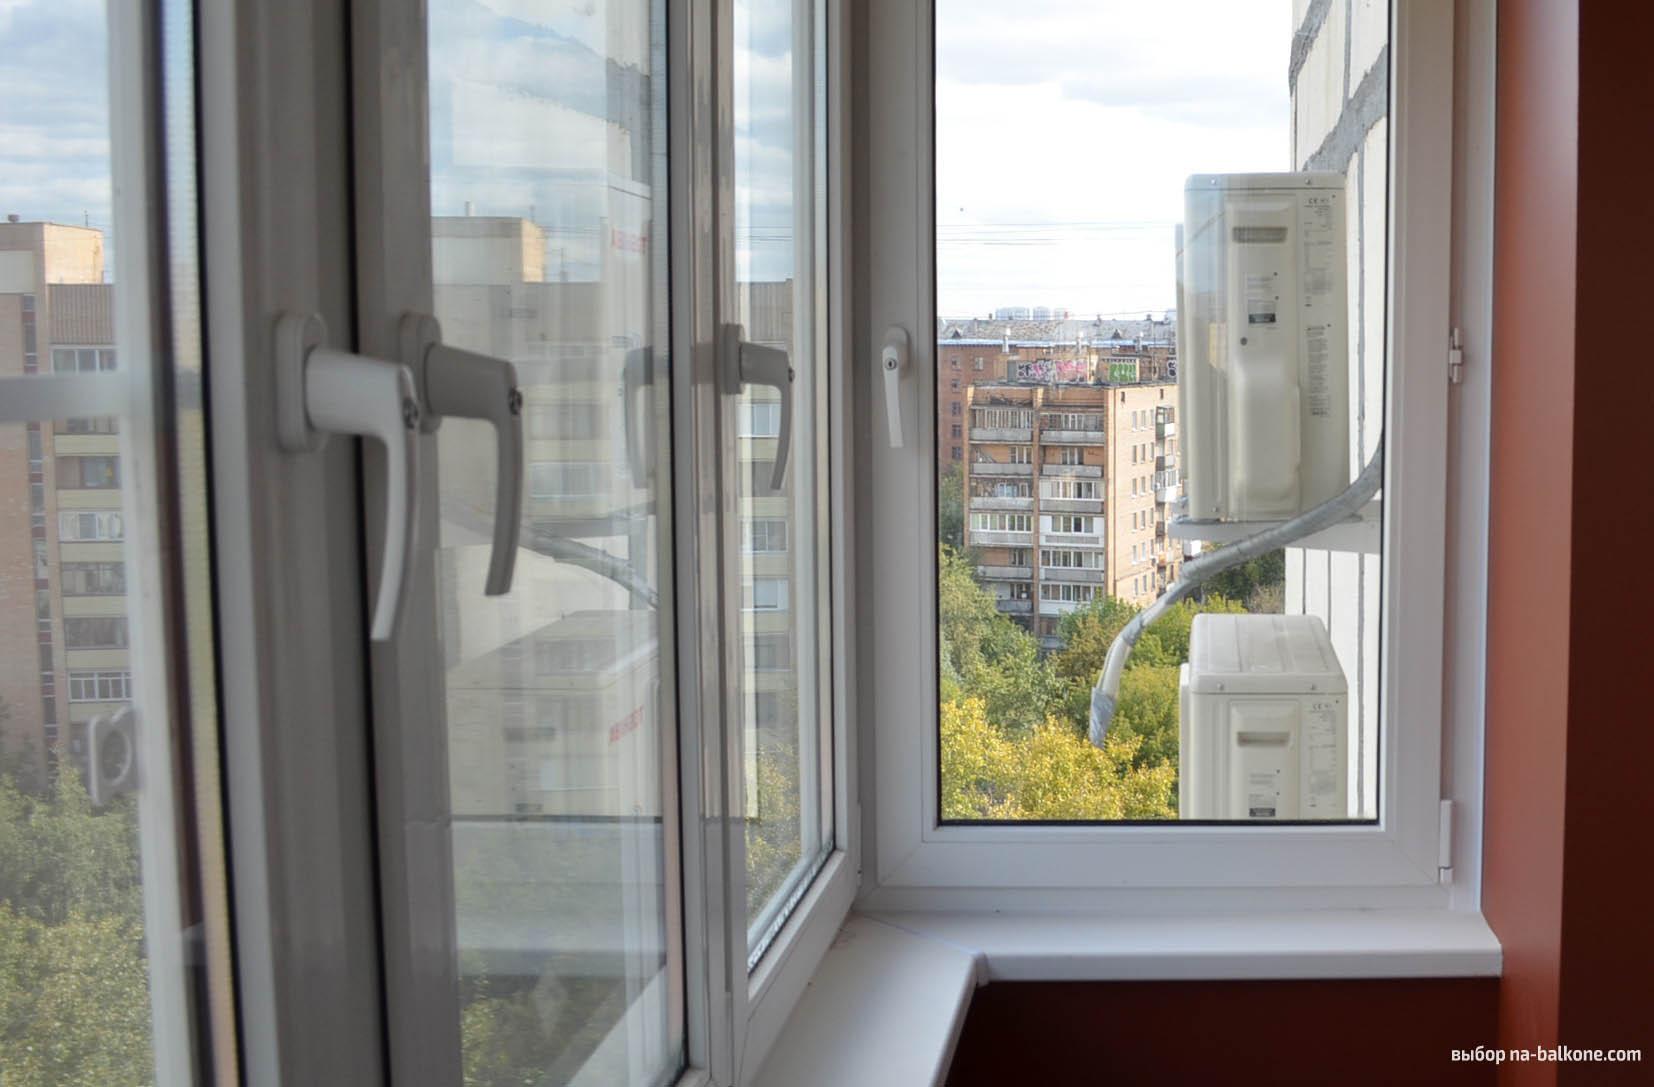 Остекление балкона 3 метра профилем кве, с детскими замками;.